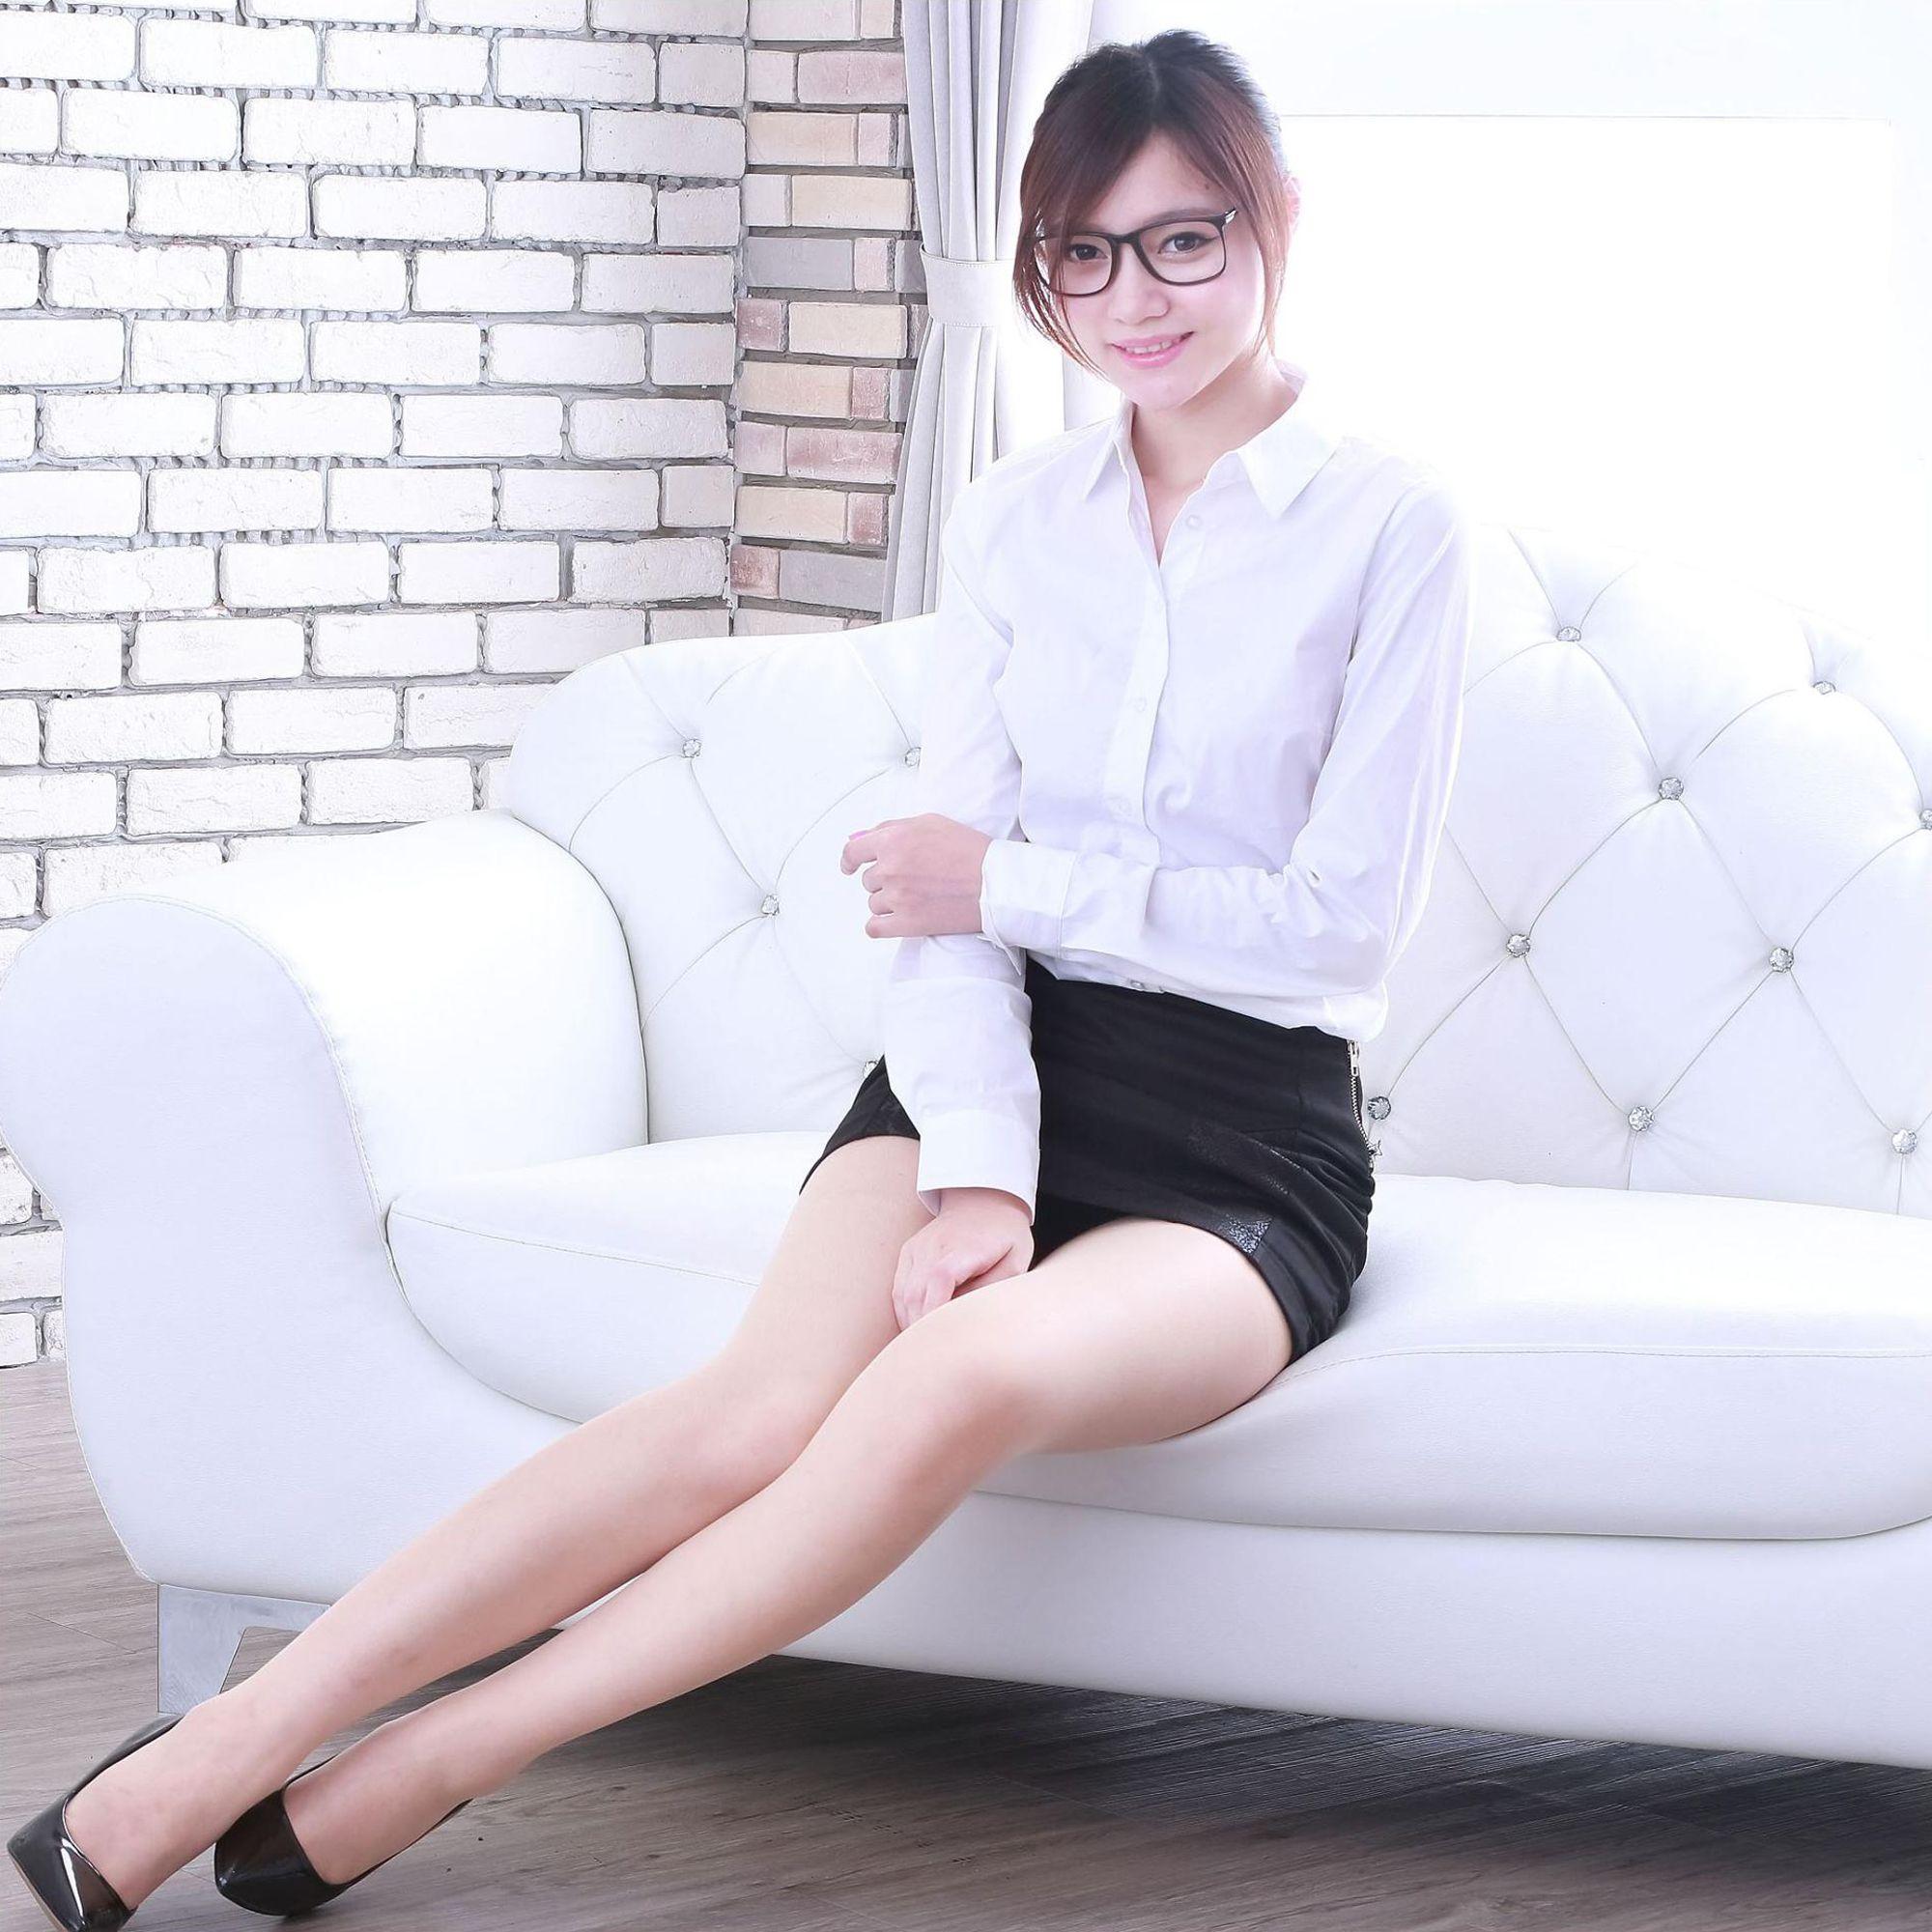 VOL.457 [台湾正妹]职业装OL美女白领丽人:苏小立高品质写真套图(25P)